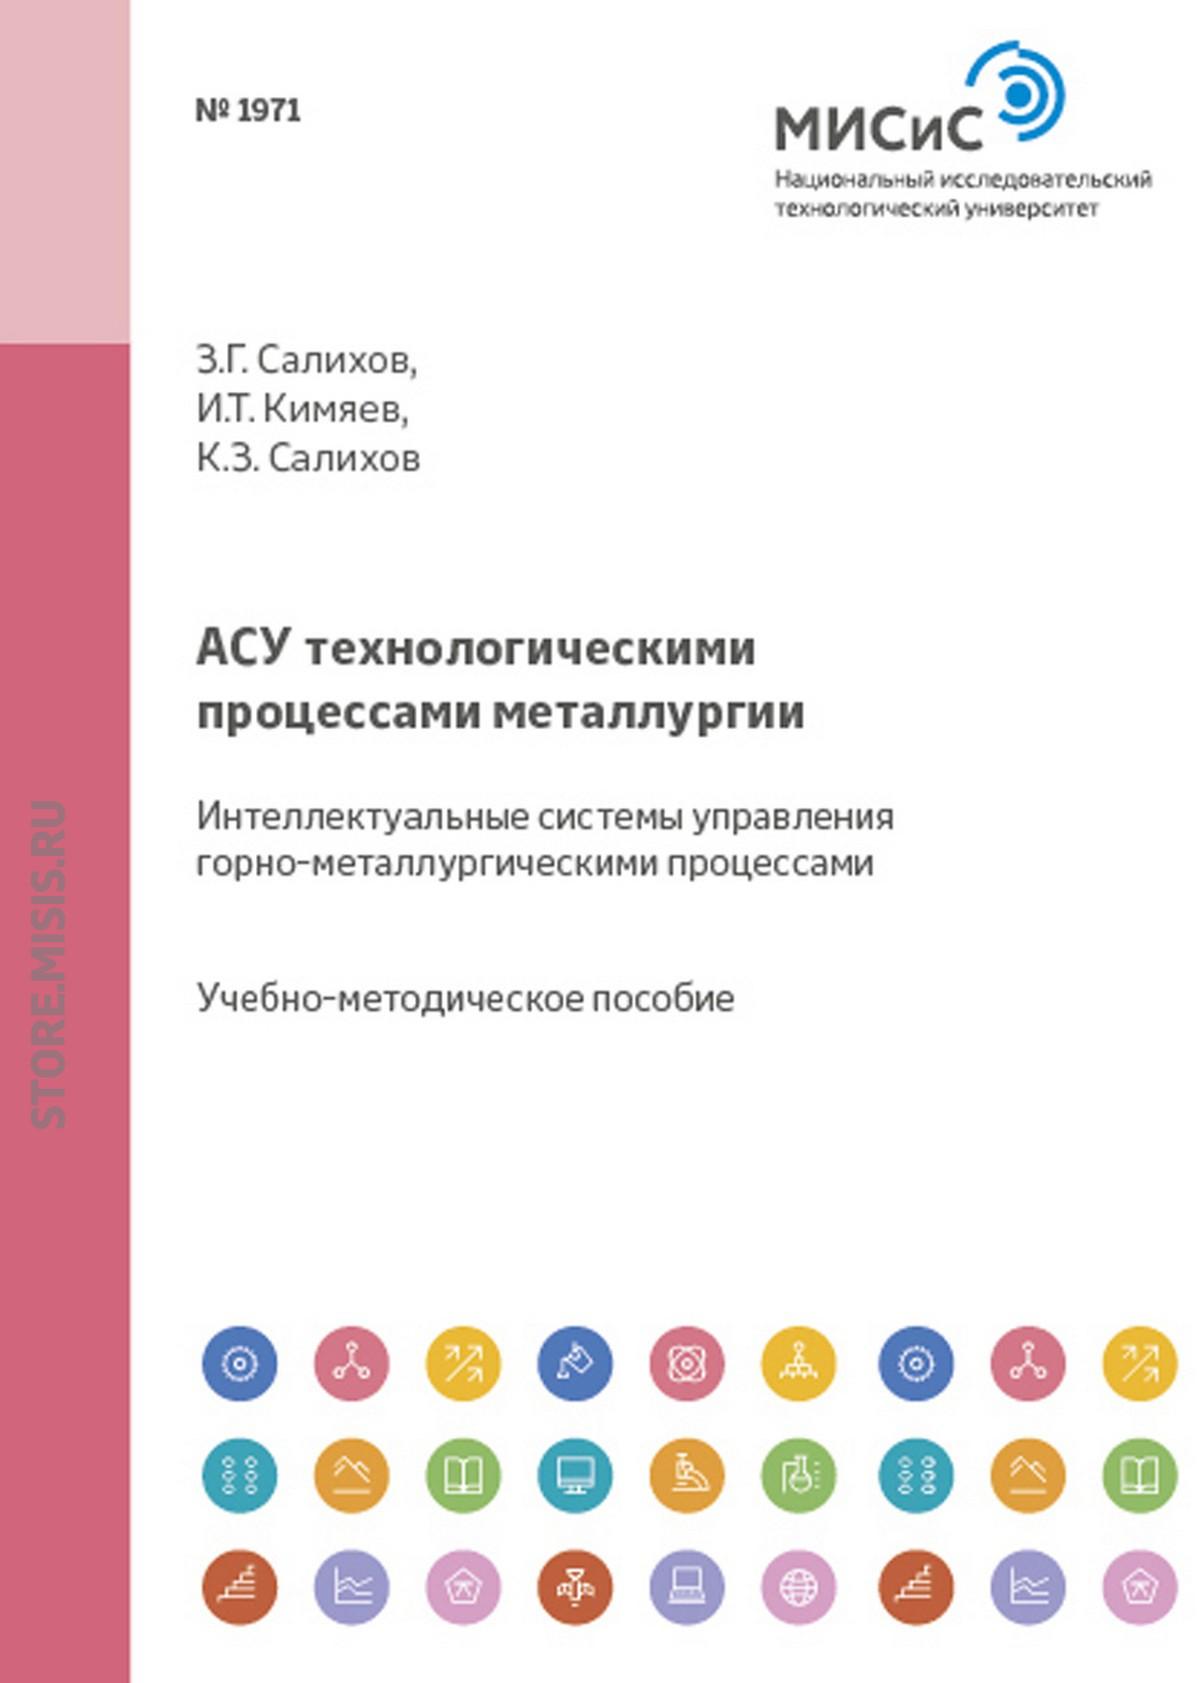 Игорь Кимяев Асу технологическими процессами металлургии. Интеллектуальные системы управления горно-металлургическими процессами